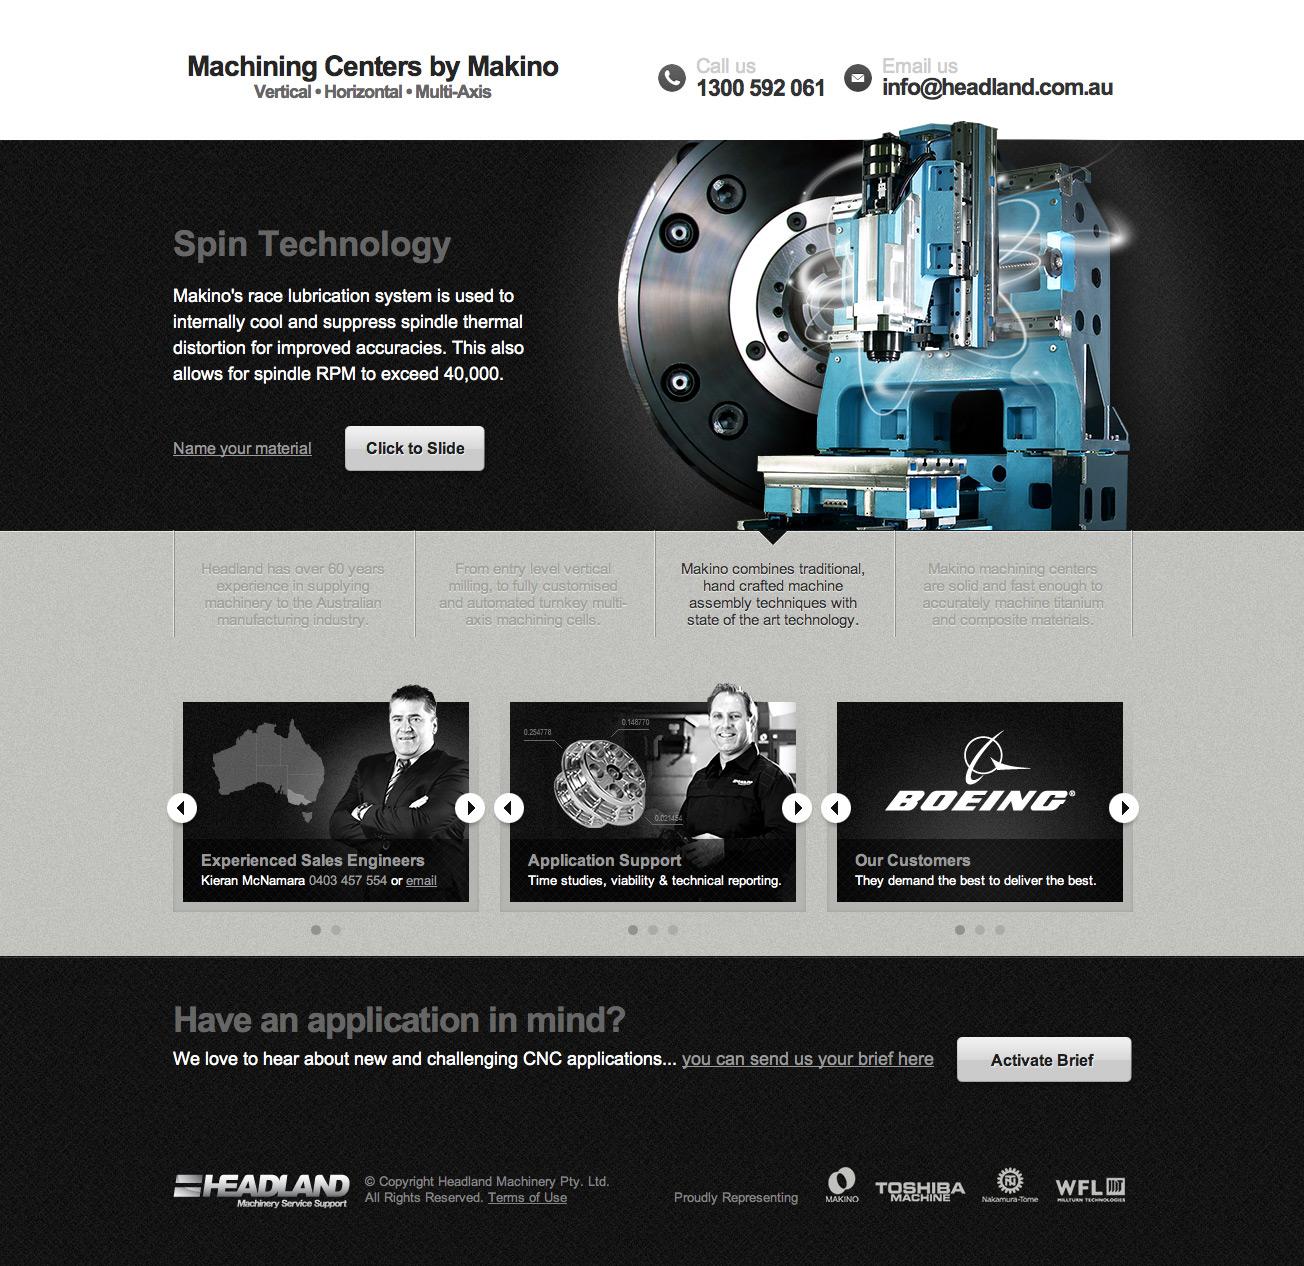 machining centers by makino